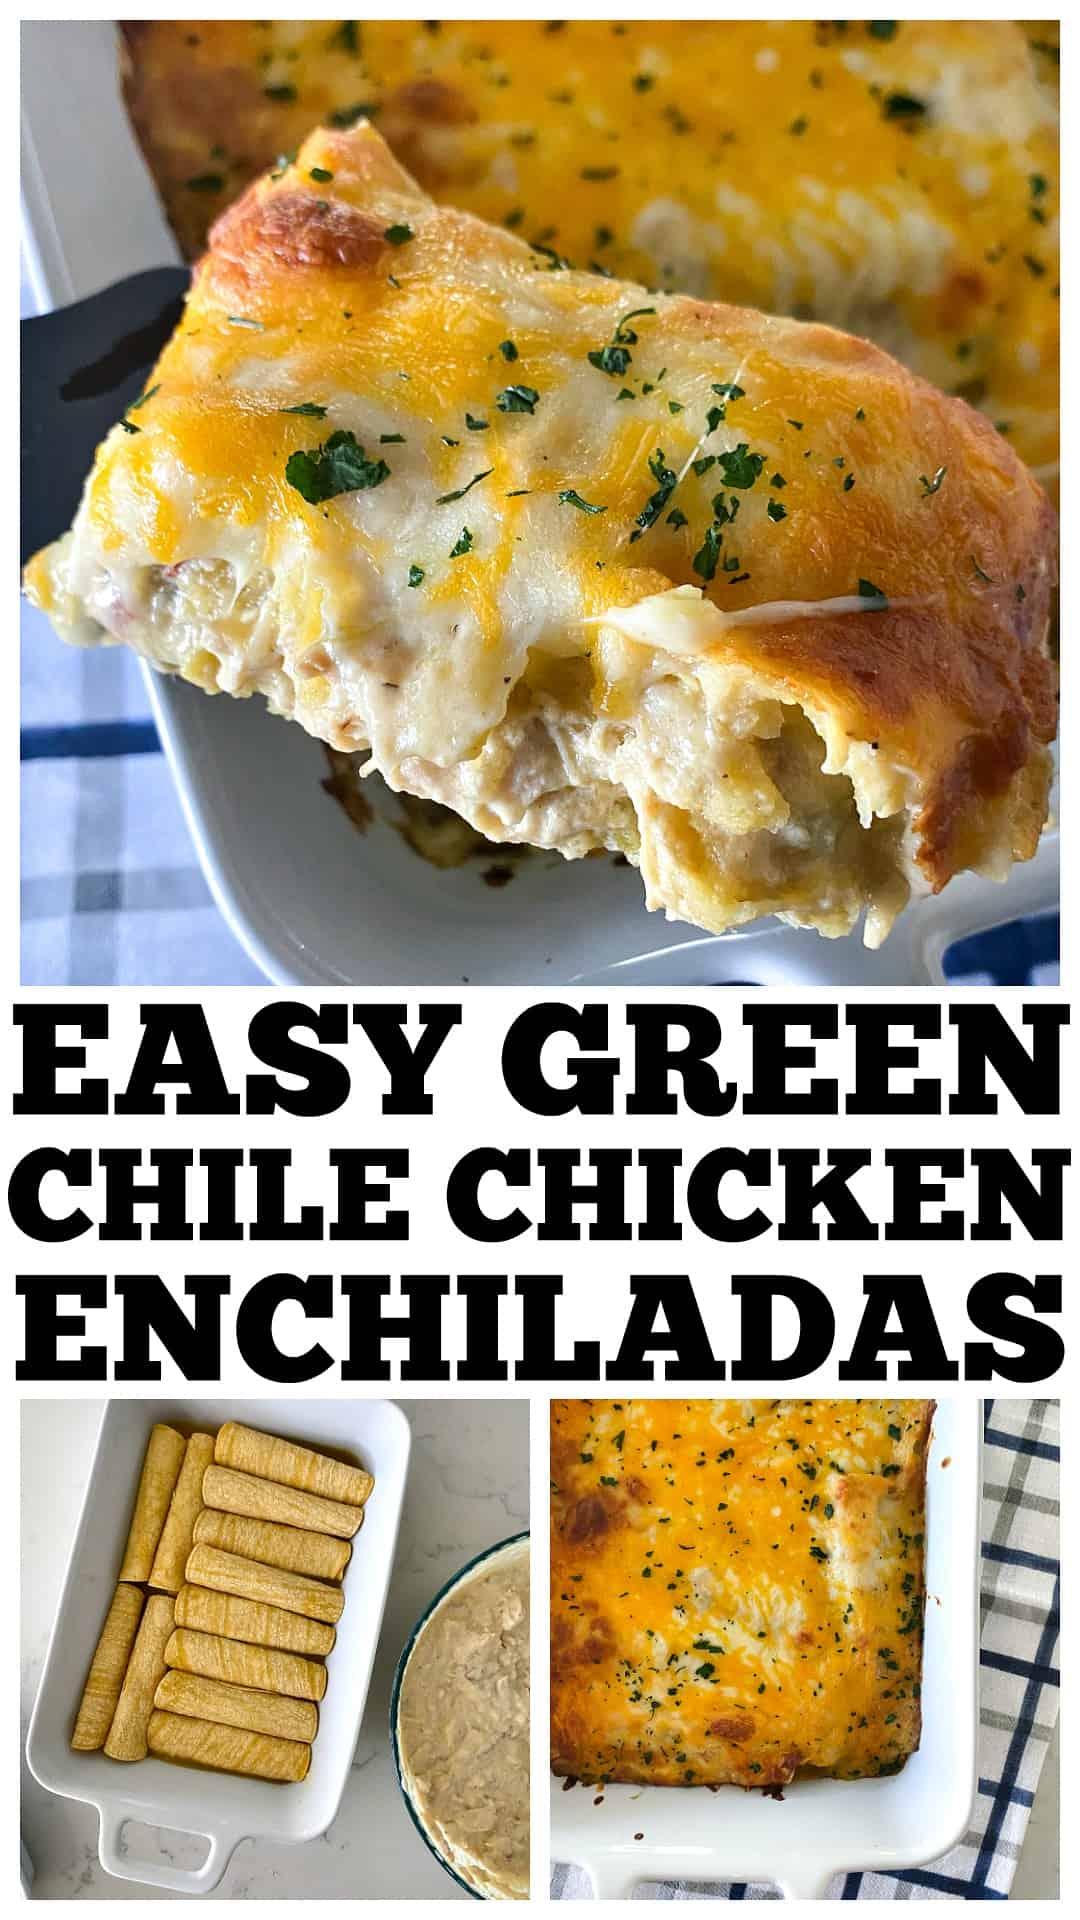 photo collage of green chile chicken enchiladas